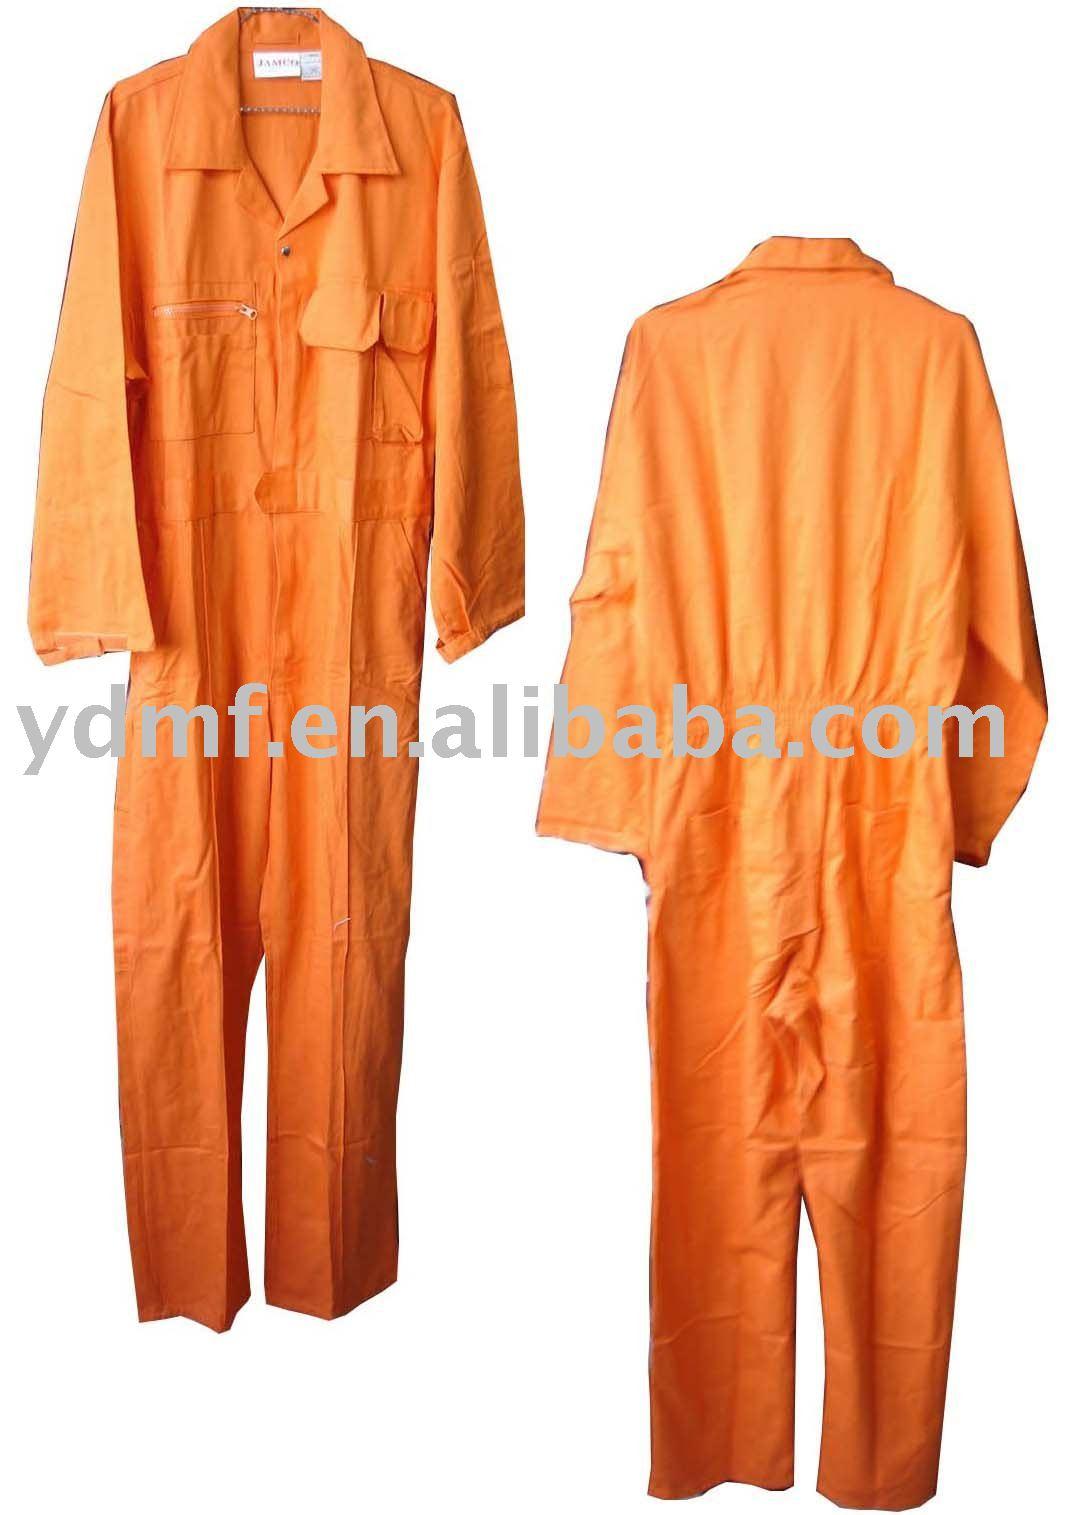 uniforme de trabajo baratos uniformes de trabajo sobretodo